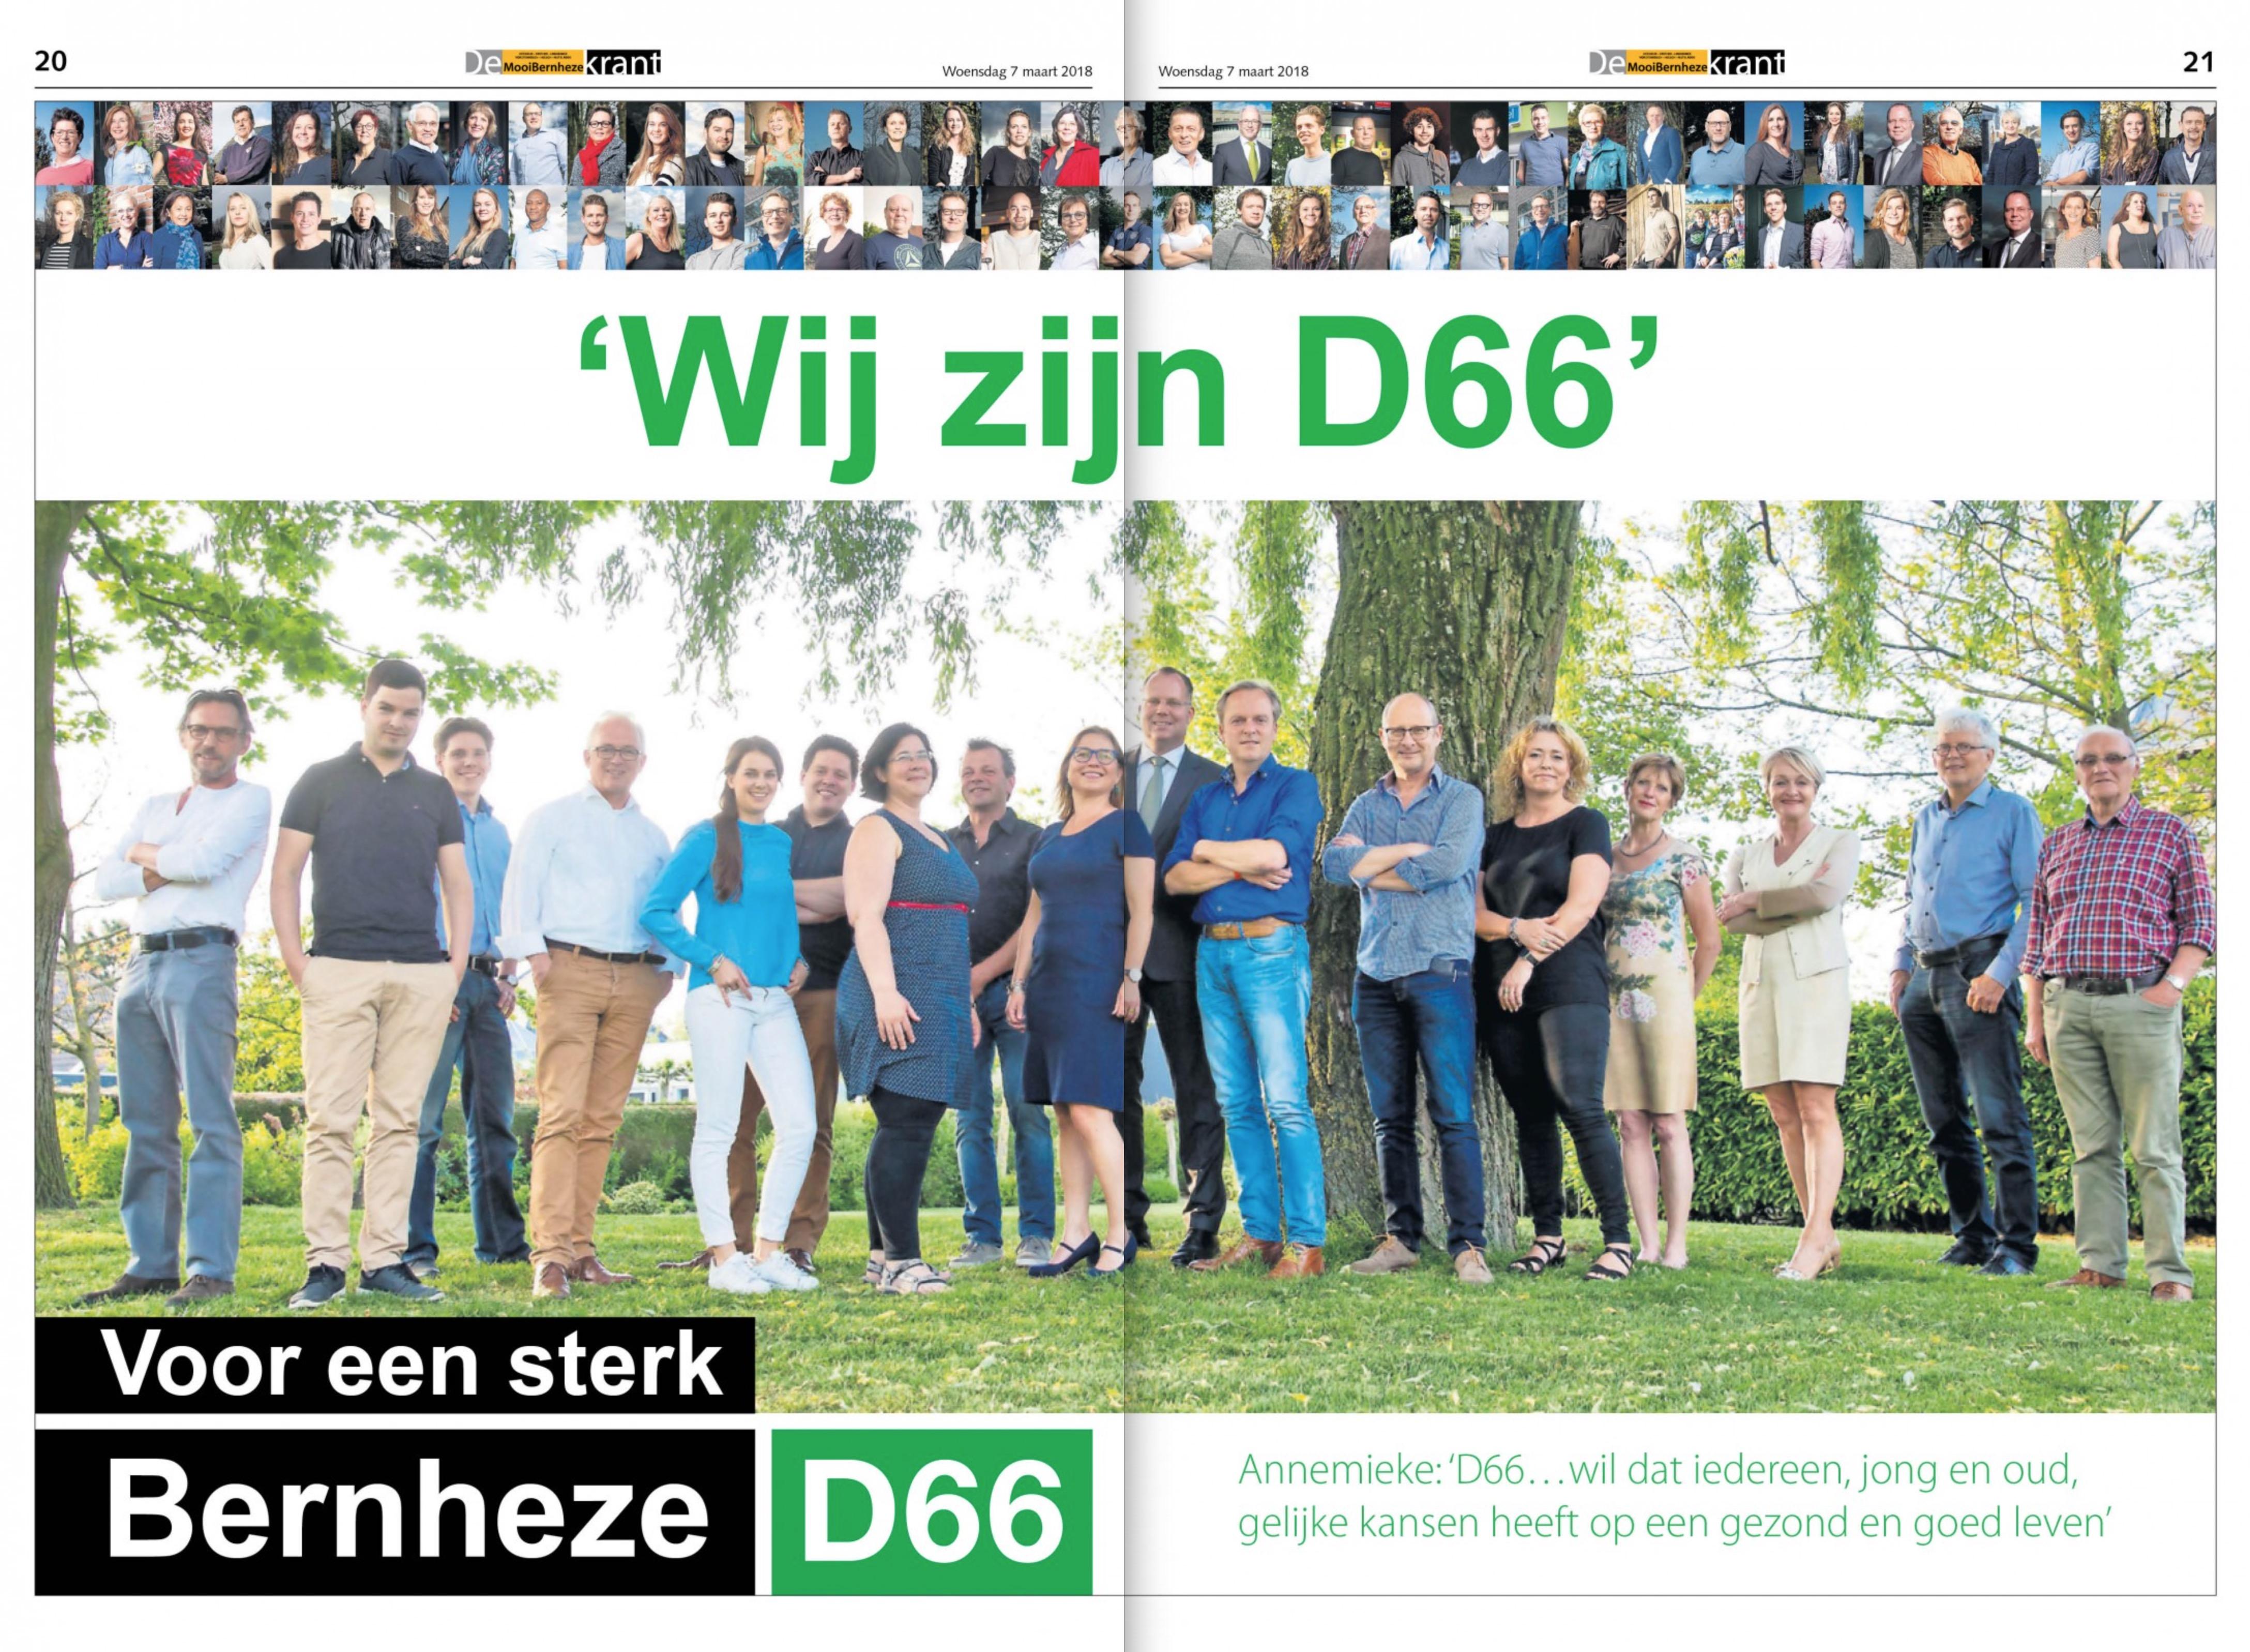 Mooi Bernheze Krant - 2017 week 10: Verkiezingen